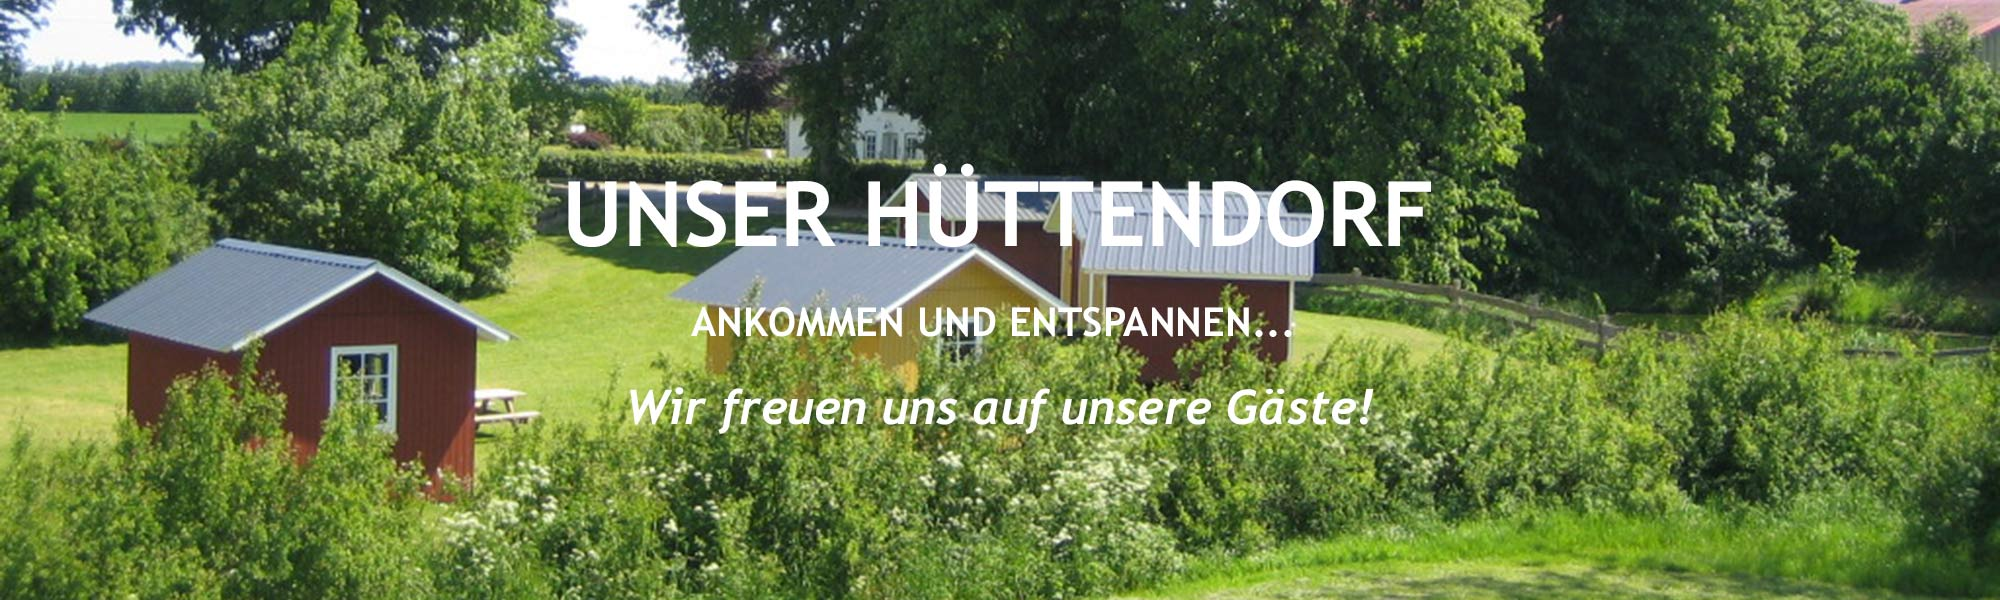 Unser Hüttendorf